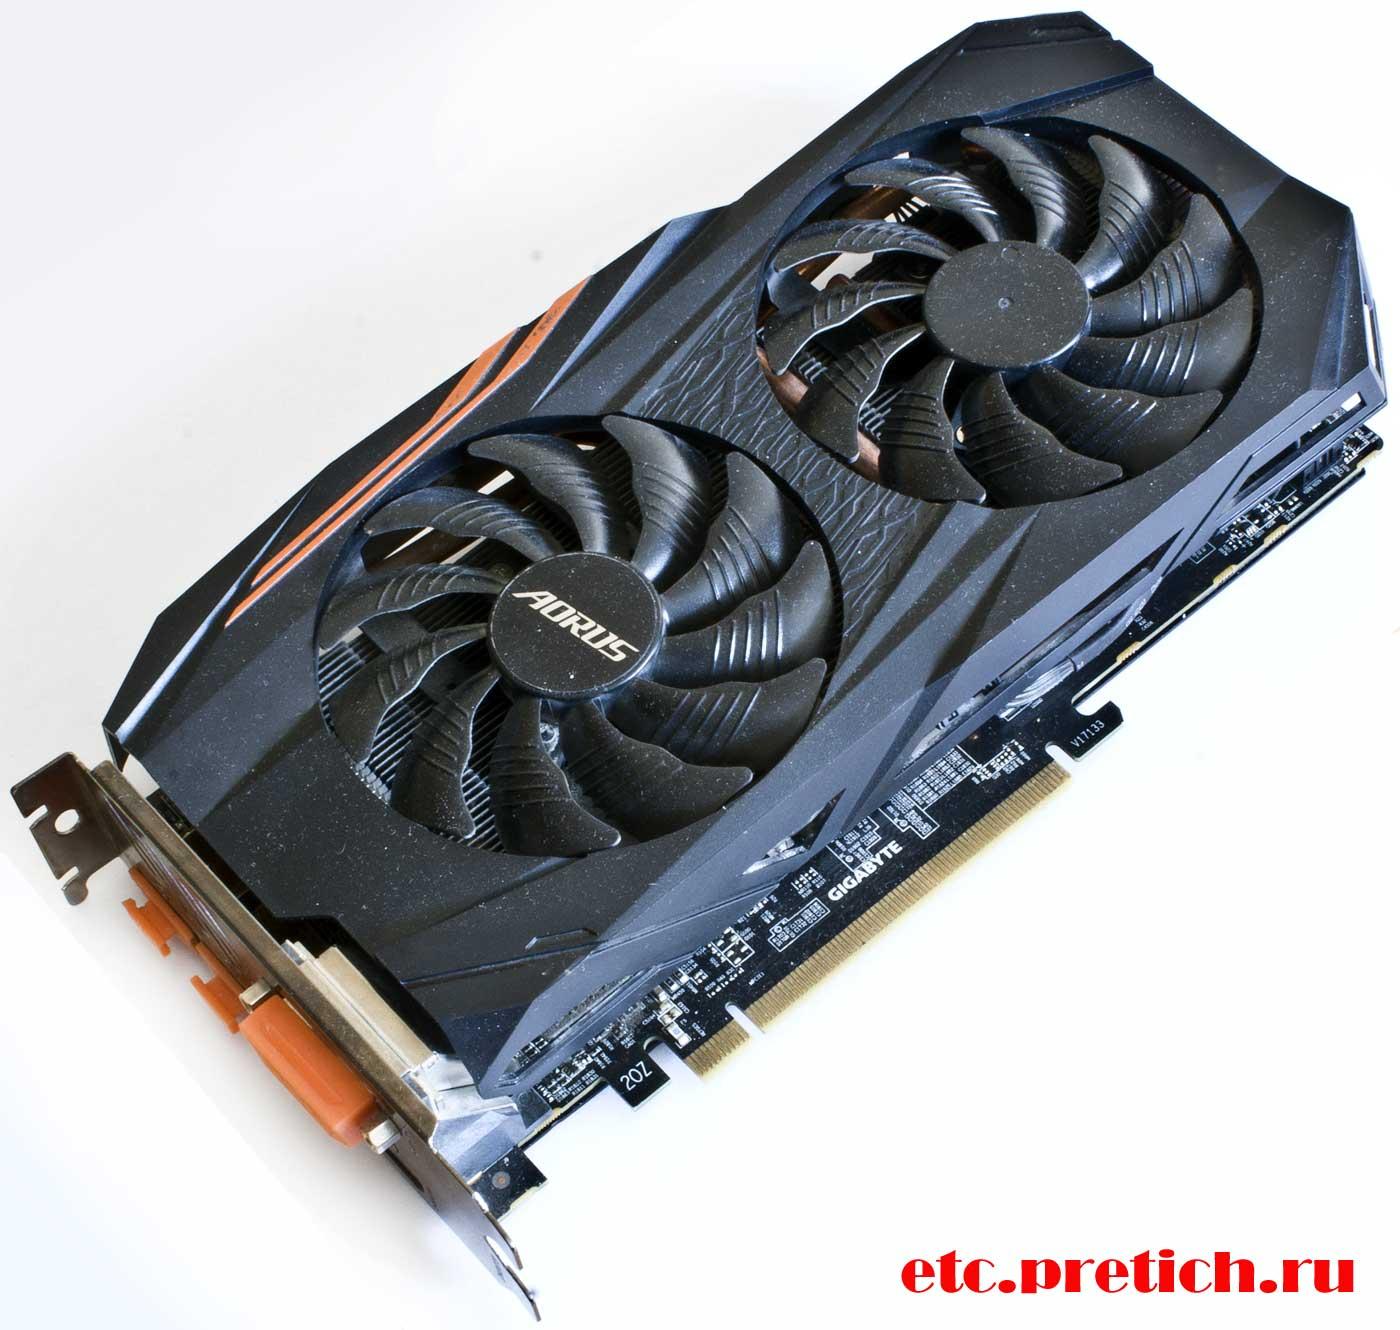 GIGABYTE AORUS Radeon RX580 8G отзыв на видеокарту, для игр